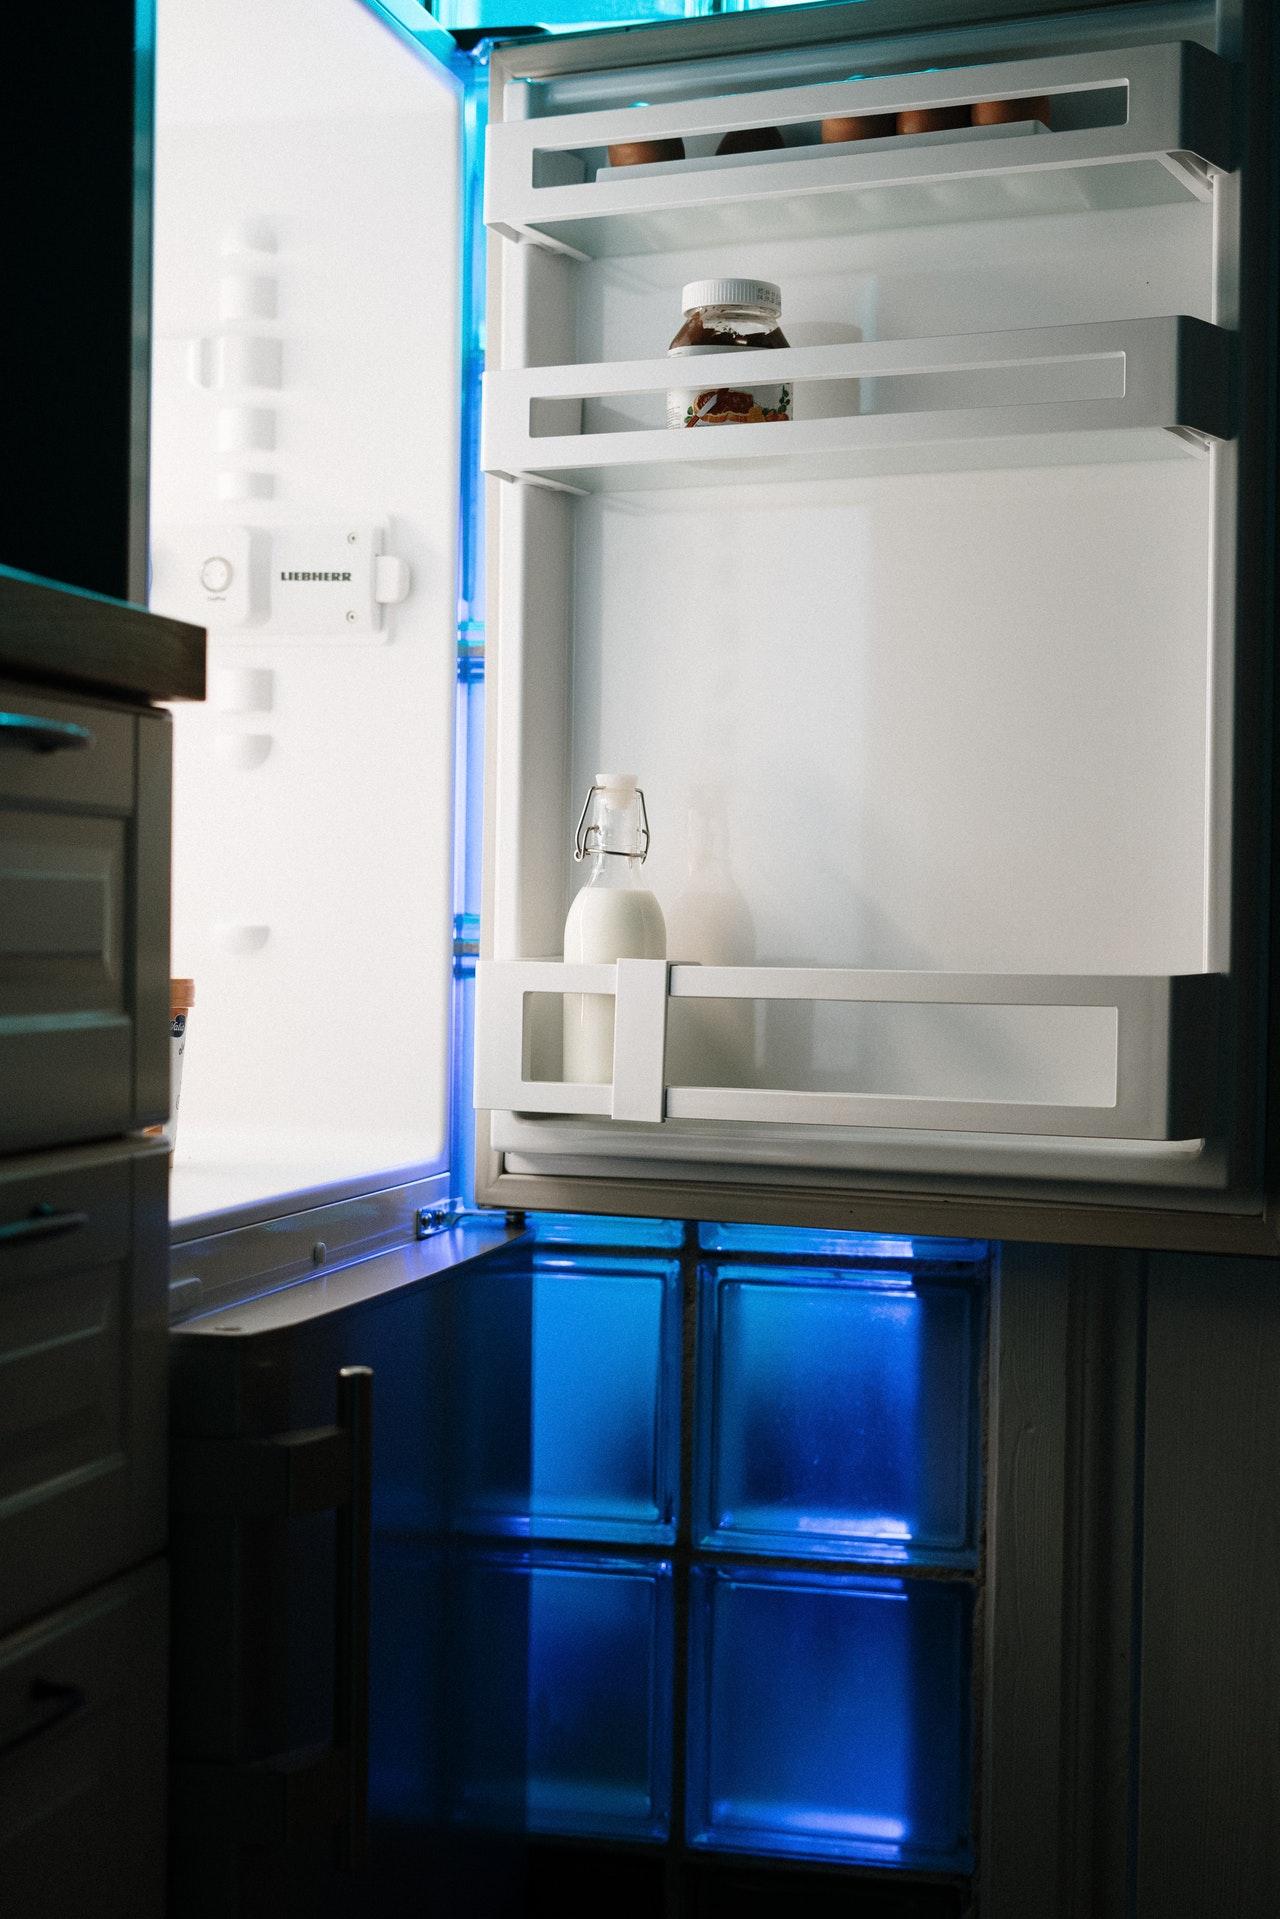 Nettoyer_le_réfrigérateur_:_Apprenez_à_nettoyer_votre_réfrigérateur_de_manière_naturelle_!